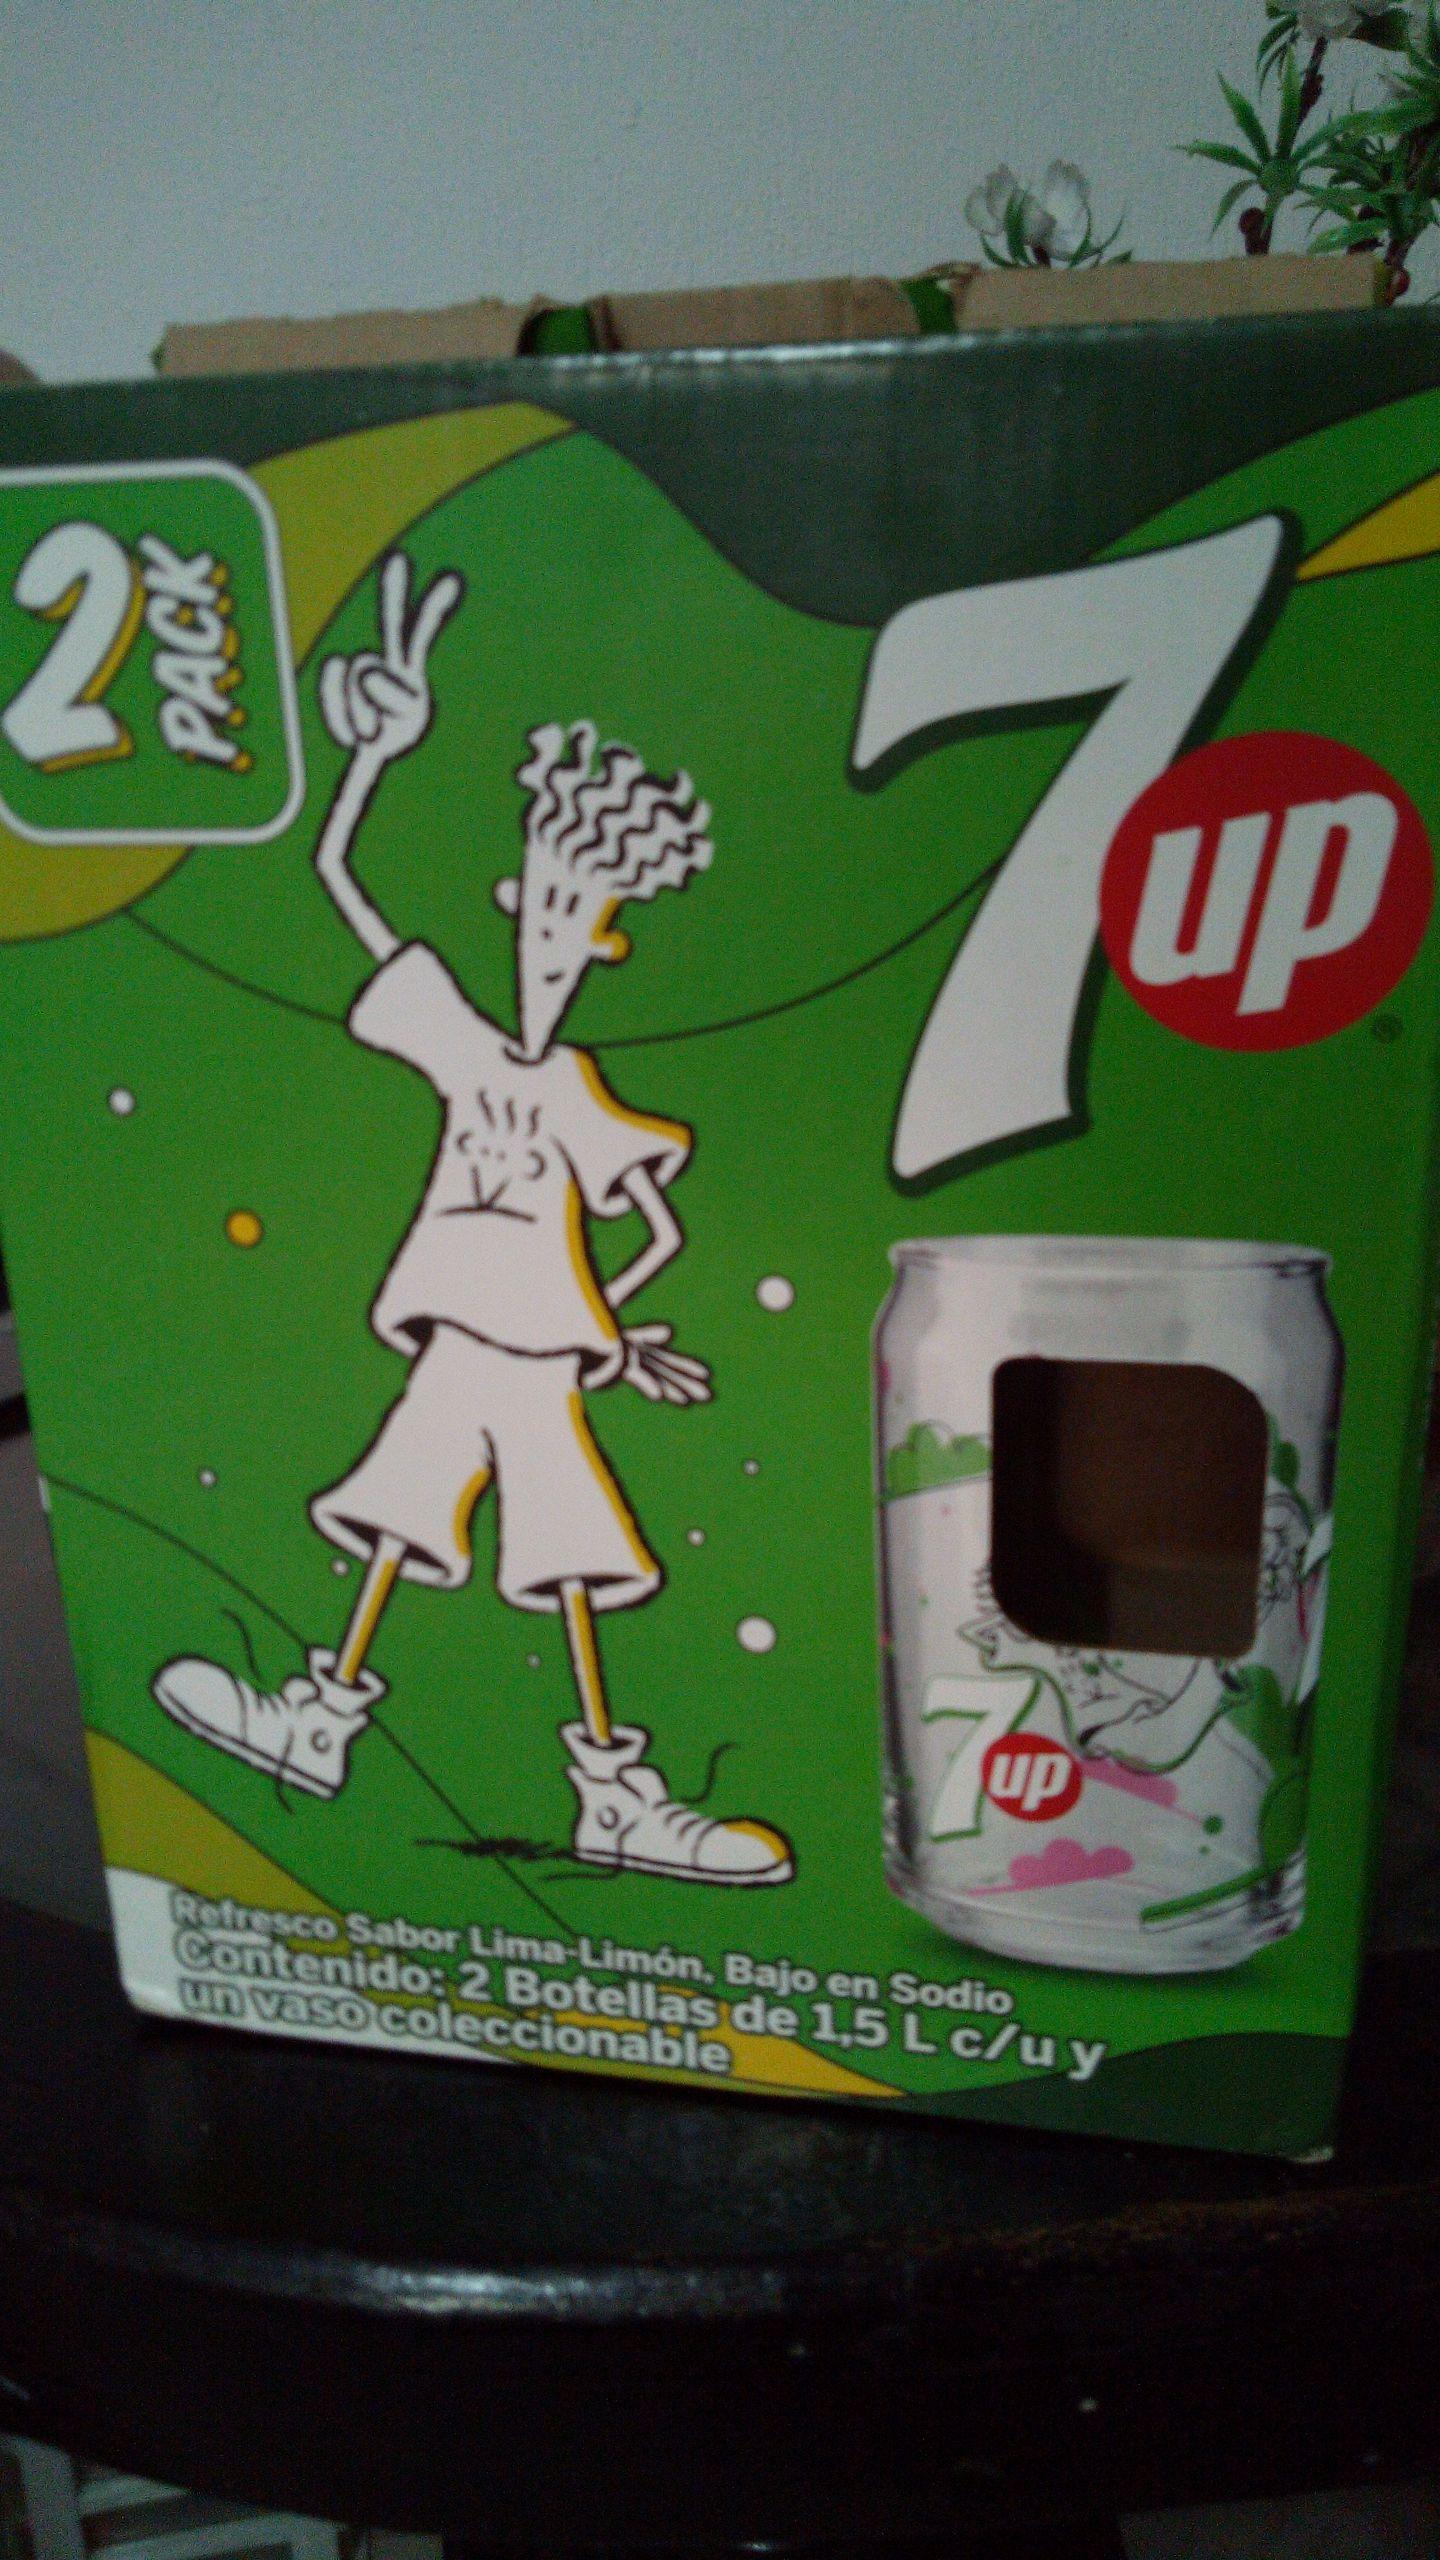 Bodega Aurrerá: Paquete 7Up